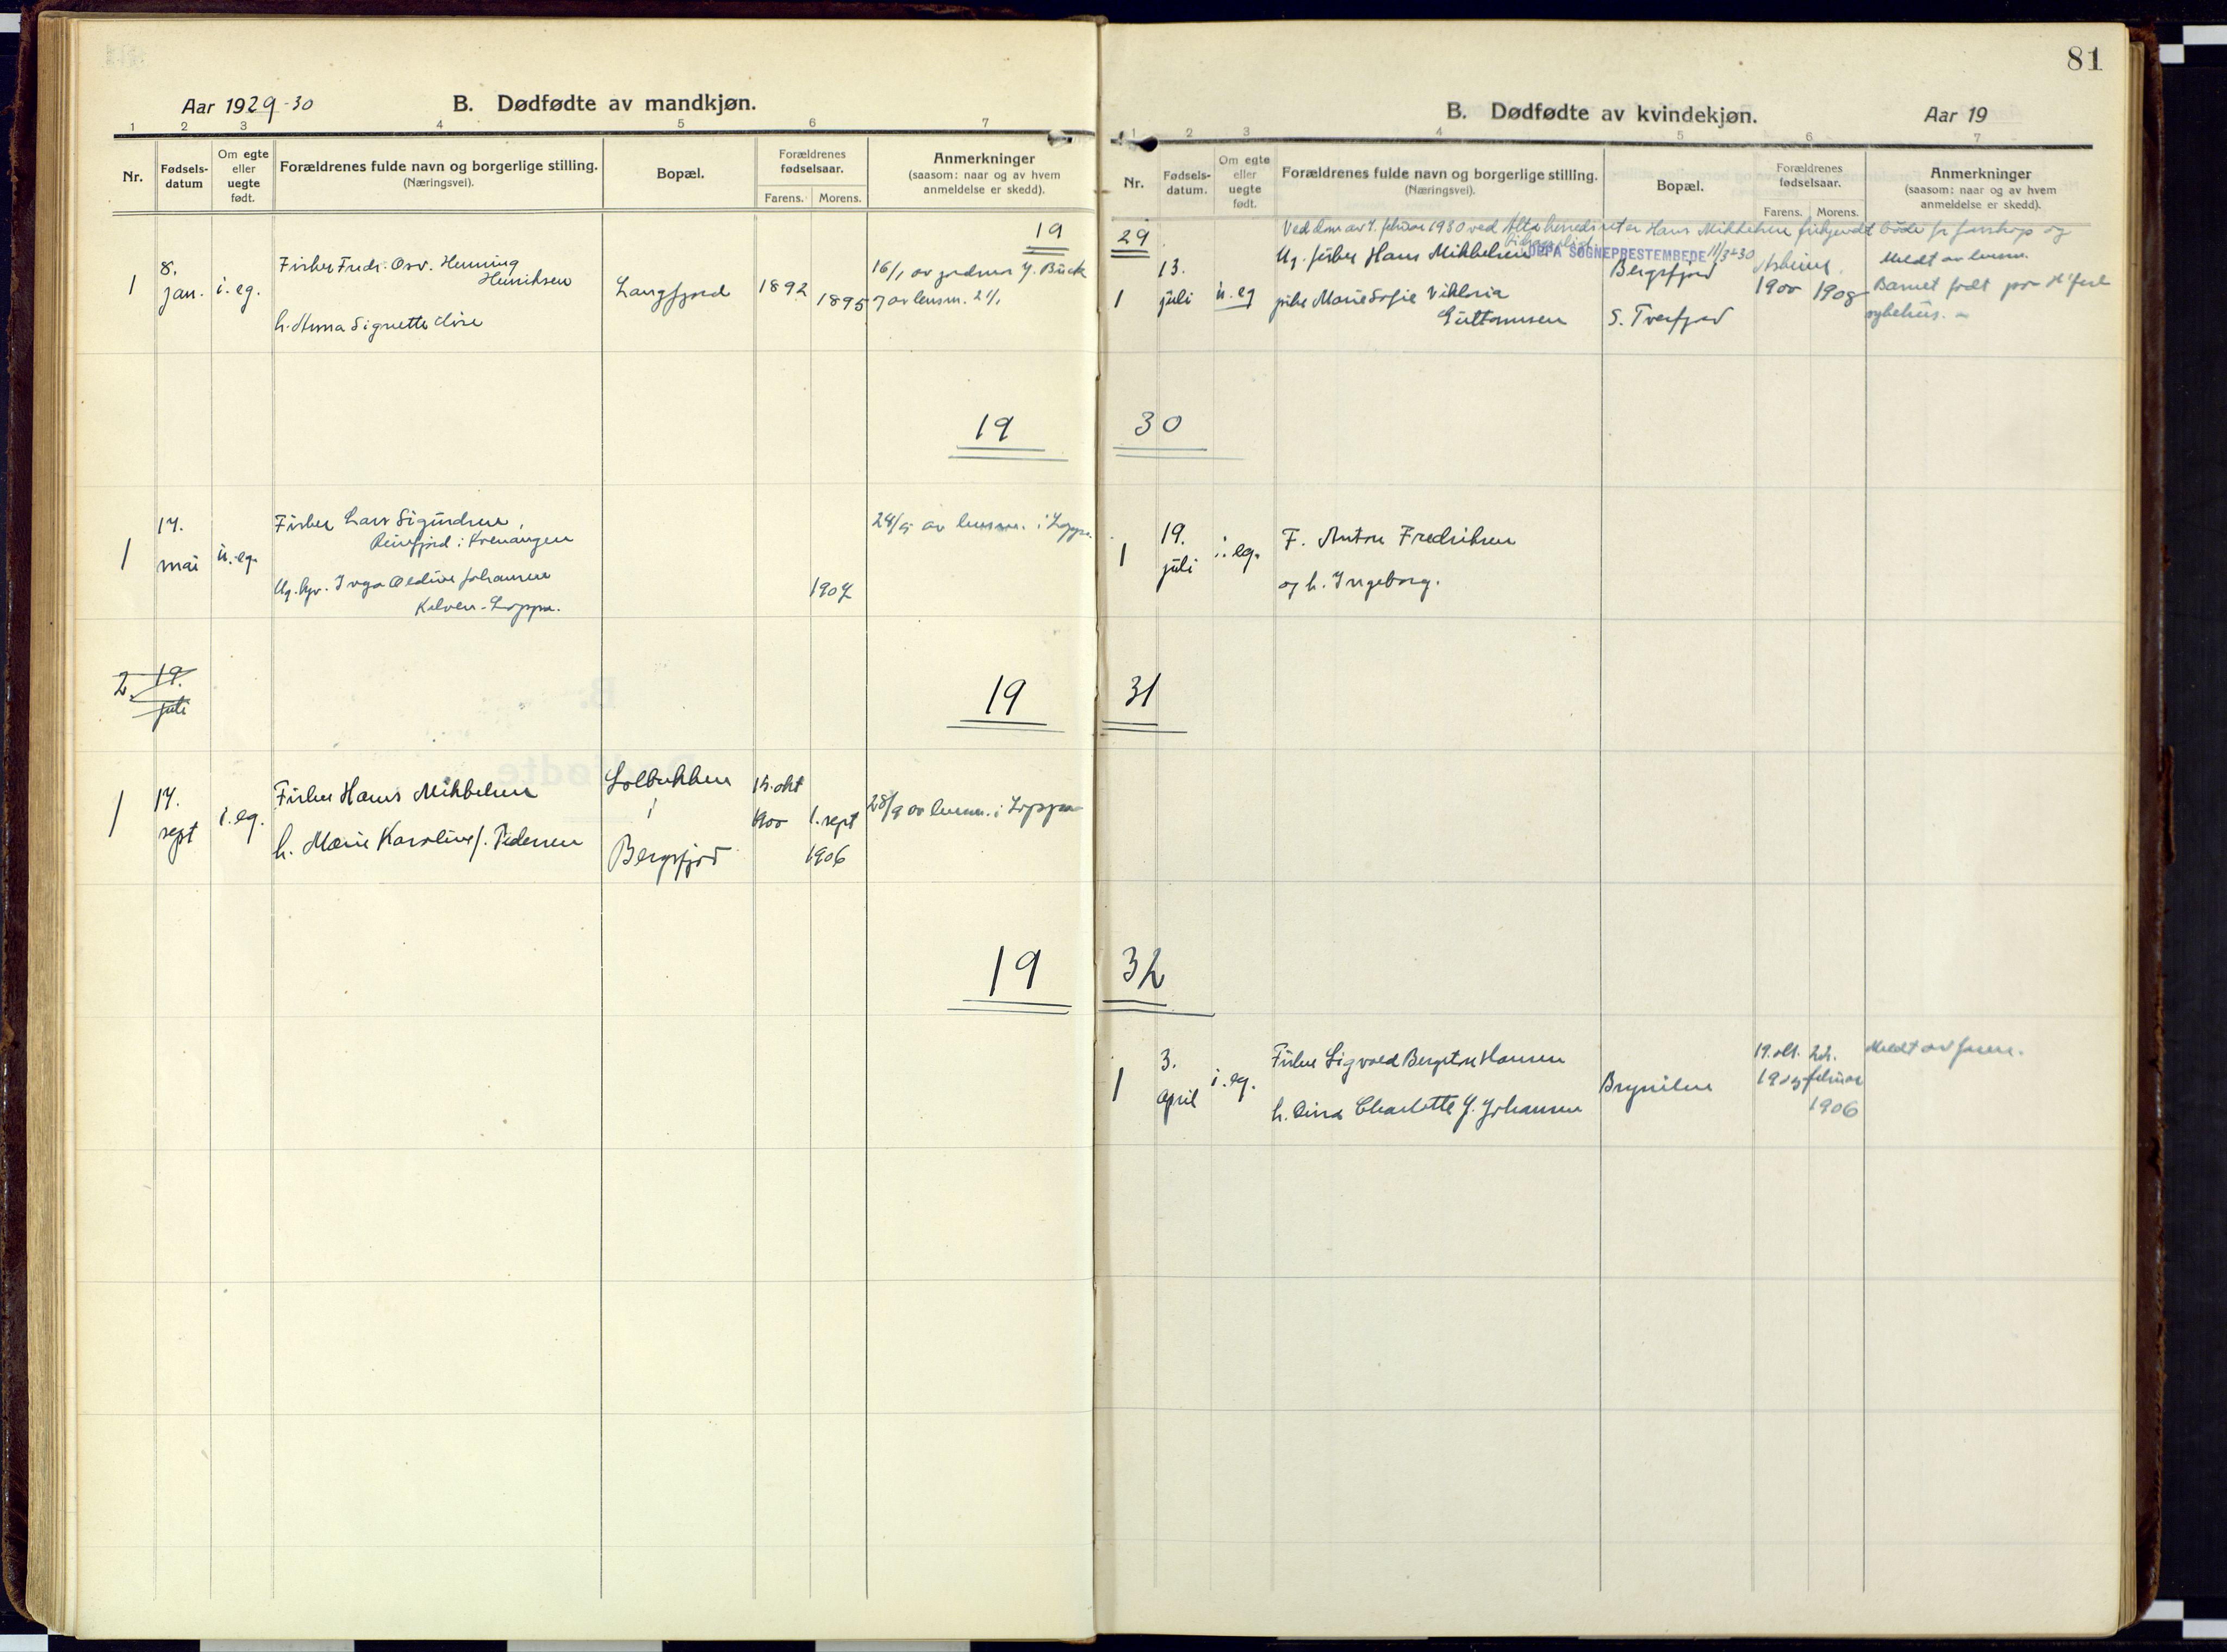 SATØ, Loppa sokneprestkontor, H/Ha/L0013kirke: Ministerialbok nr. 13, 1920-1932, s. 81